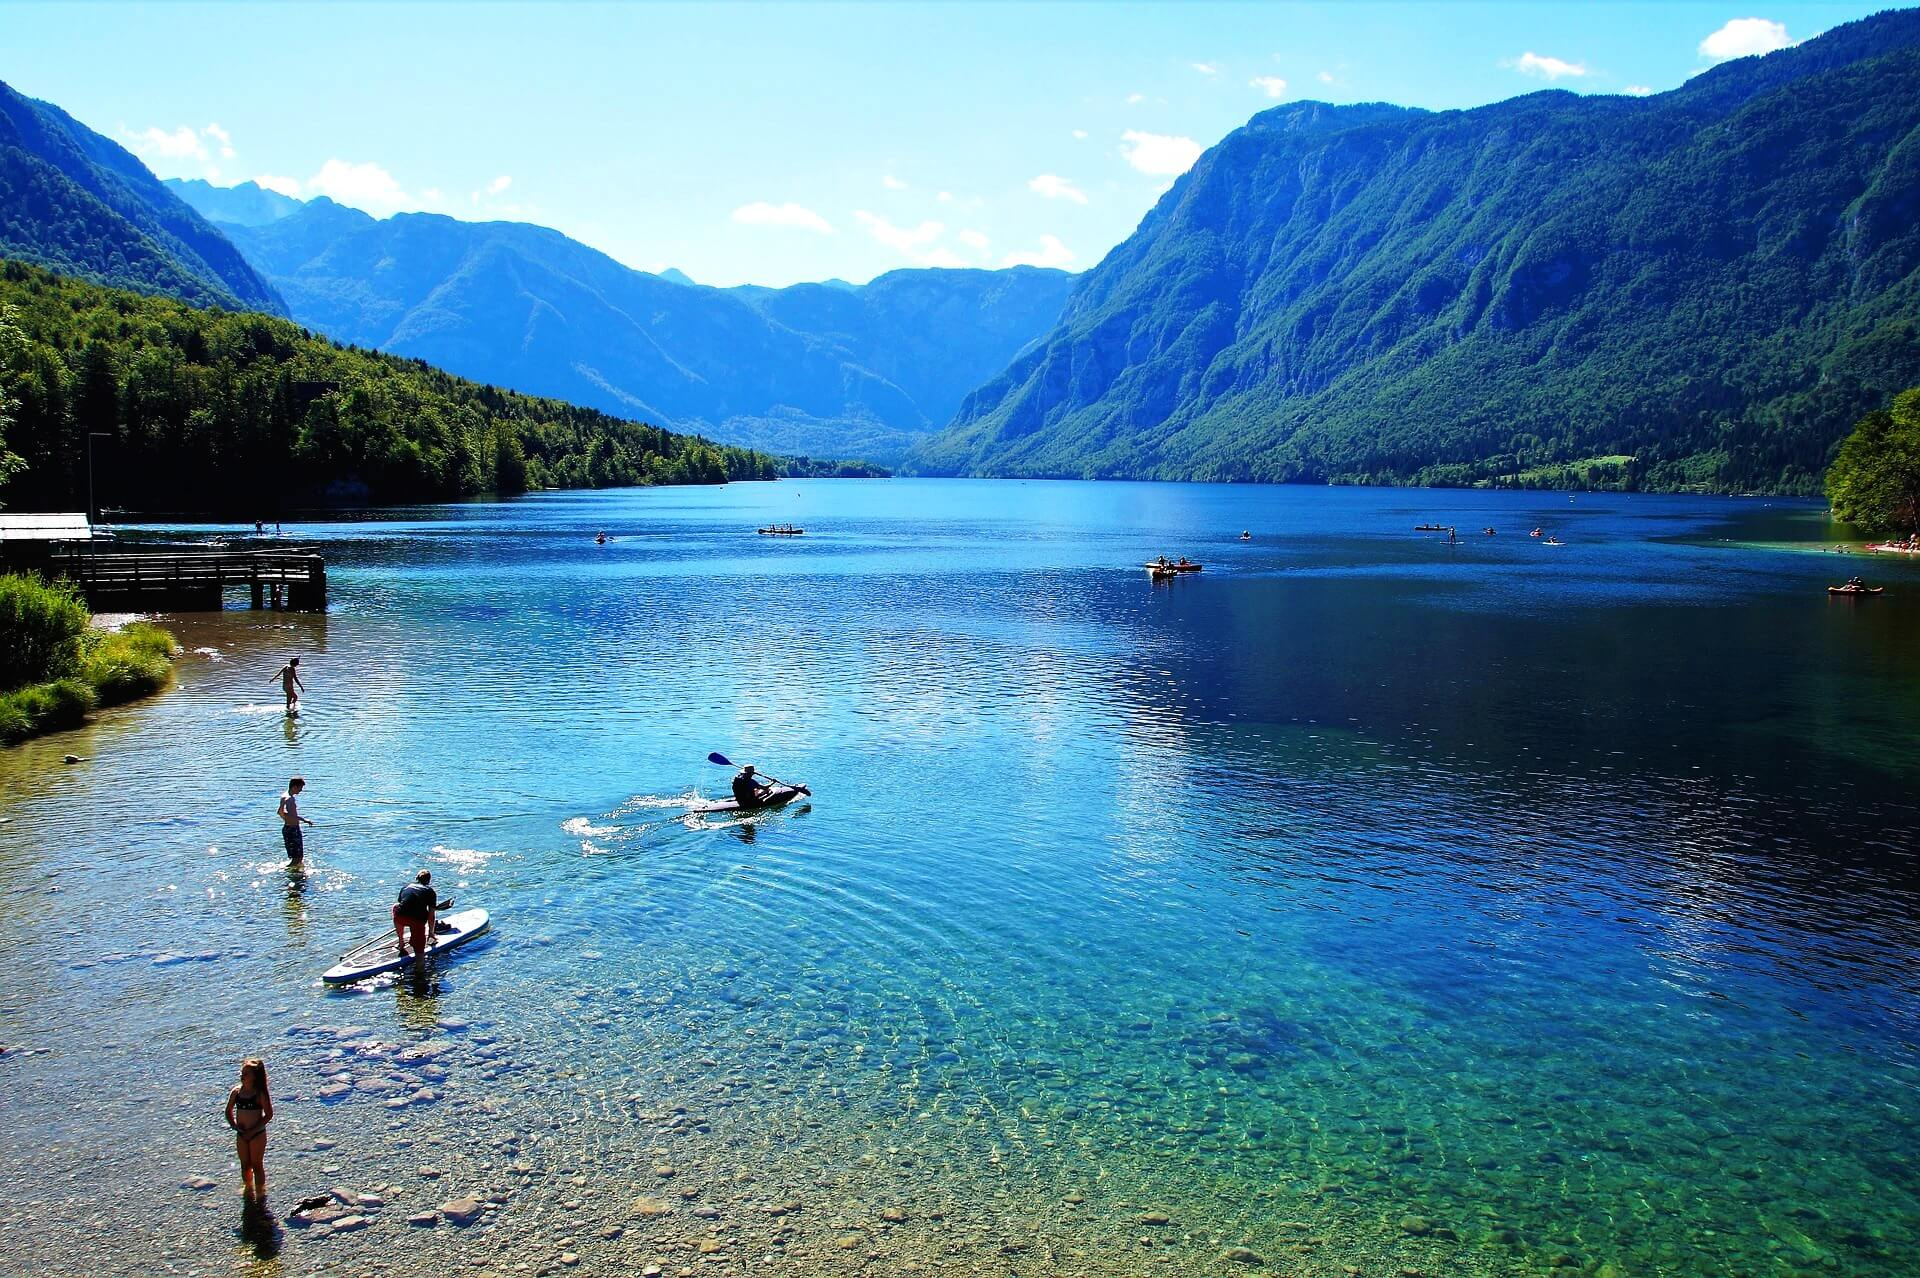 озеро бромбах фото квіти фото, назвами